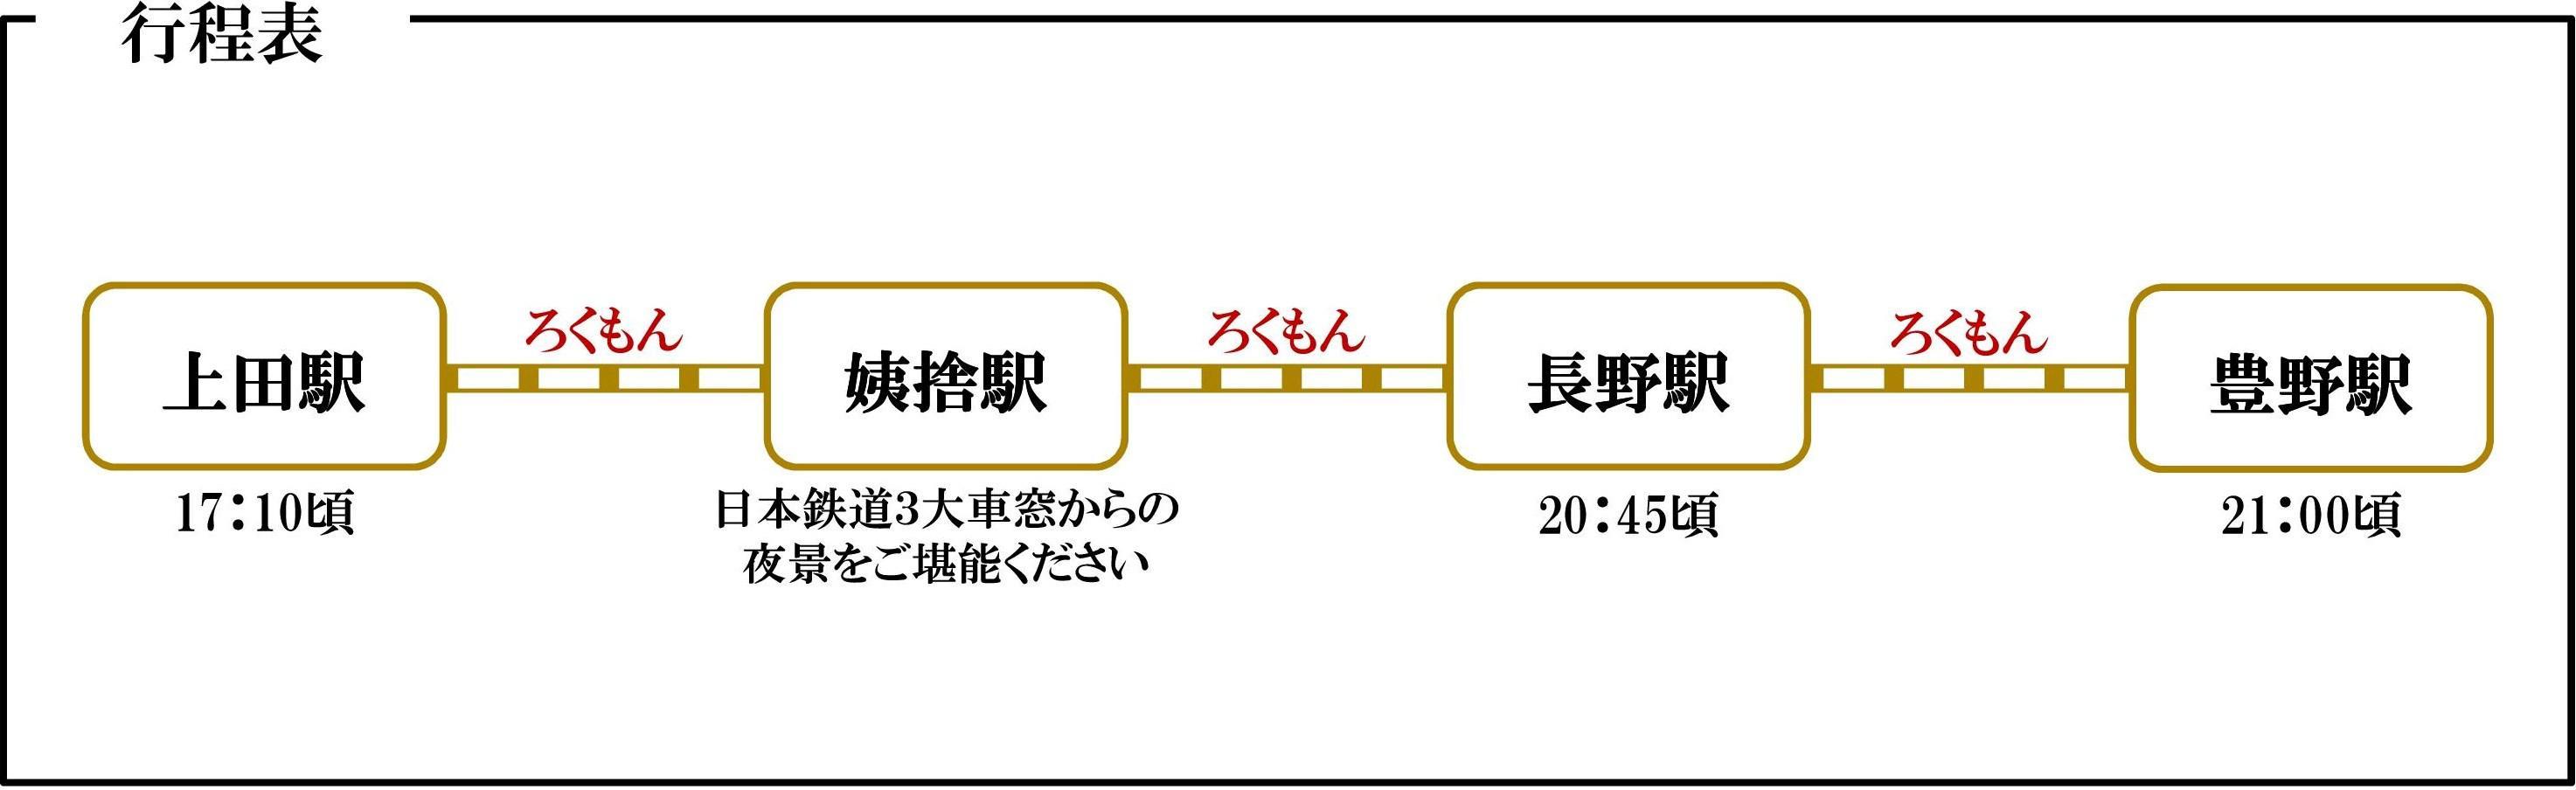 20170519_cruisetrain_koutei_1.jpg